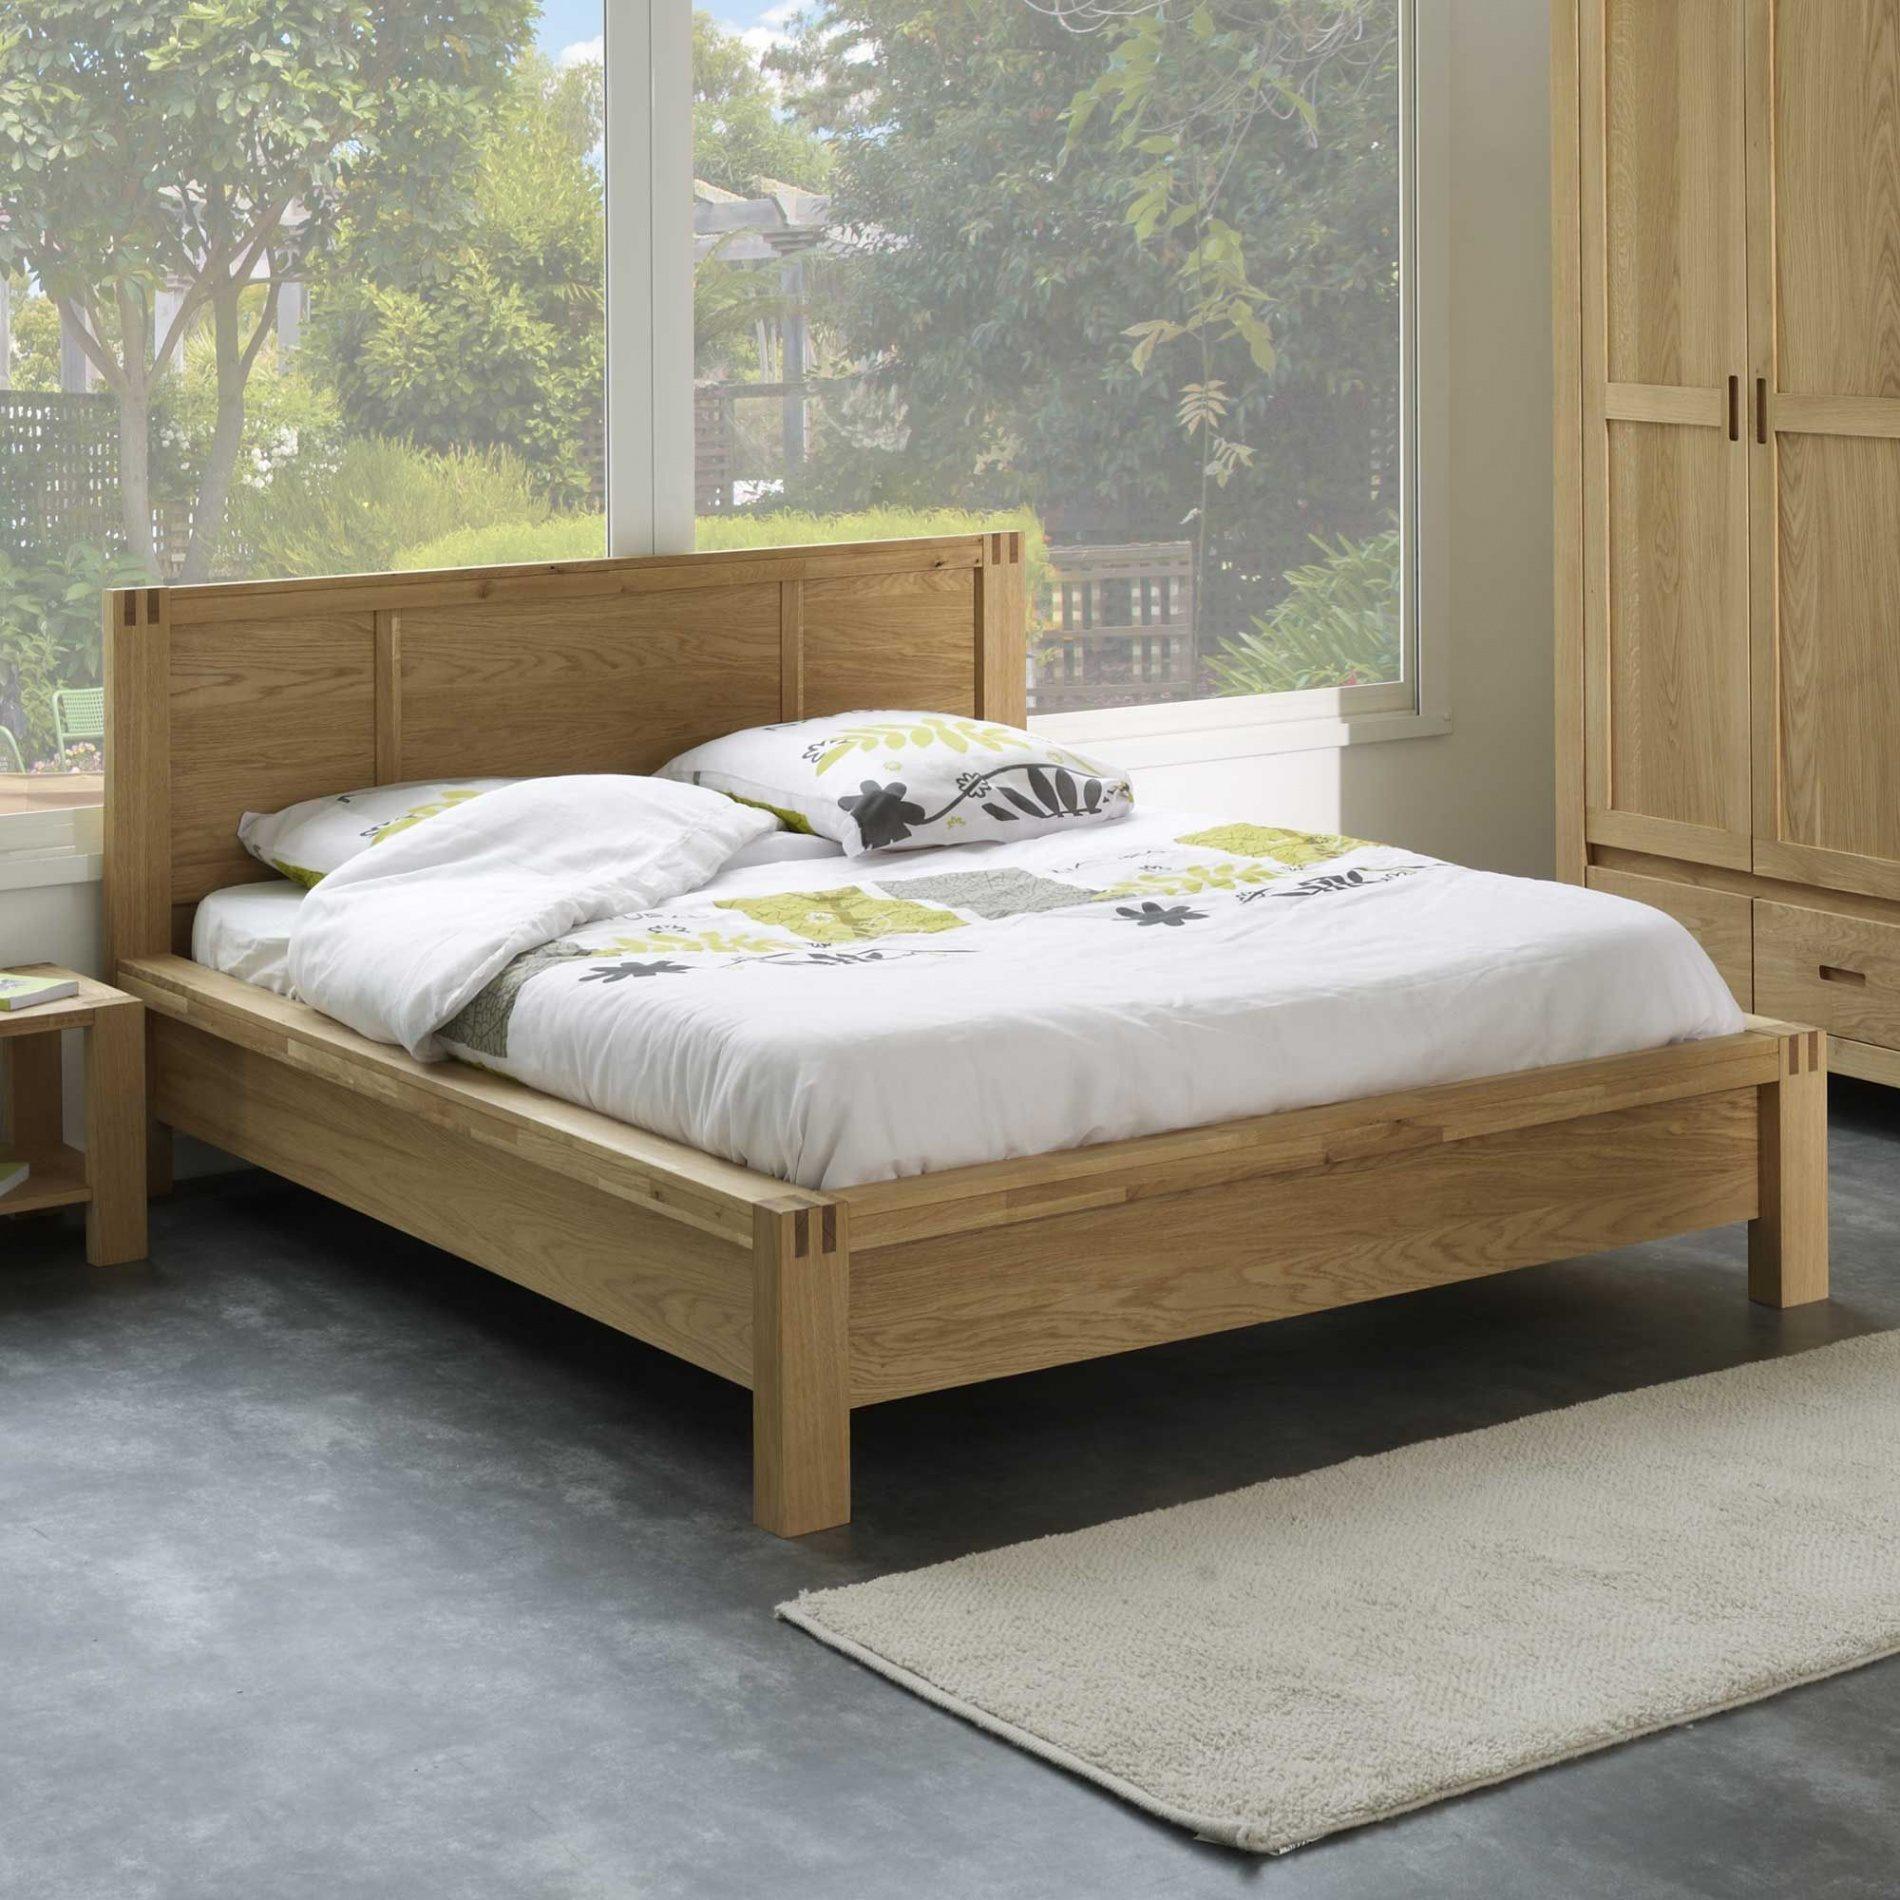 Groupon Tete De Lit Frais Lit Design 160×200 160×200 Finest Lit X Led Lit Led Design Groupon